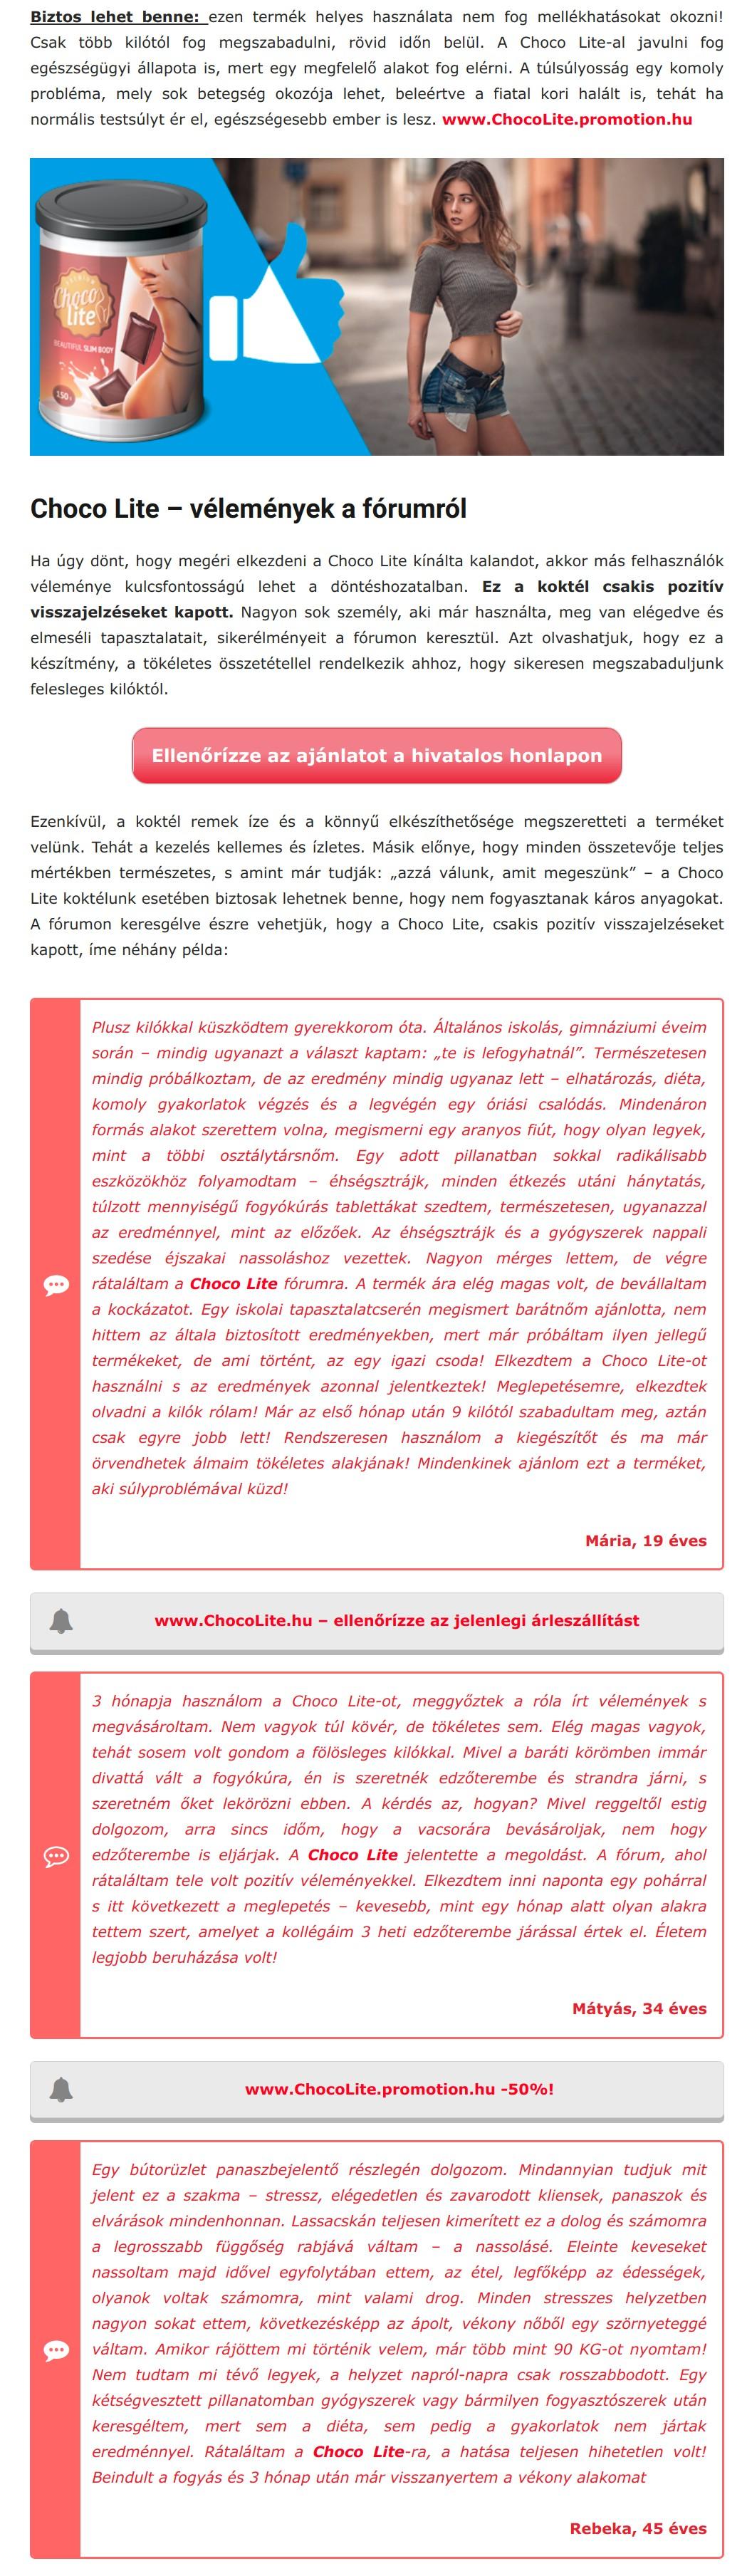 informális levél arról, hogyan lehet lefogyni